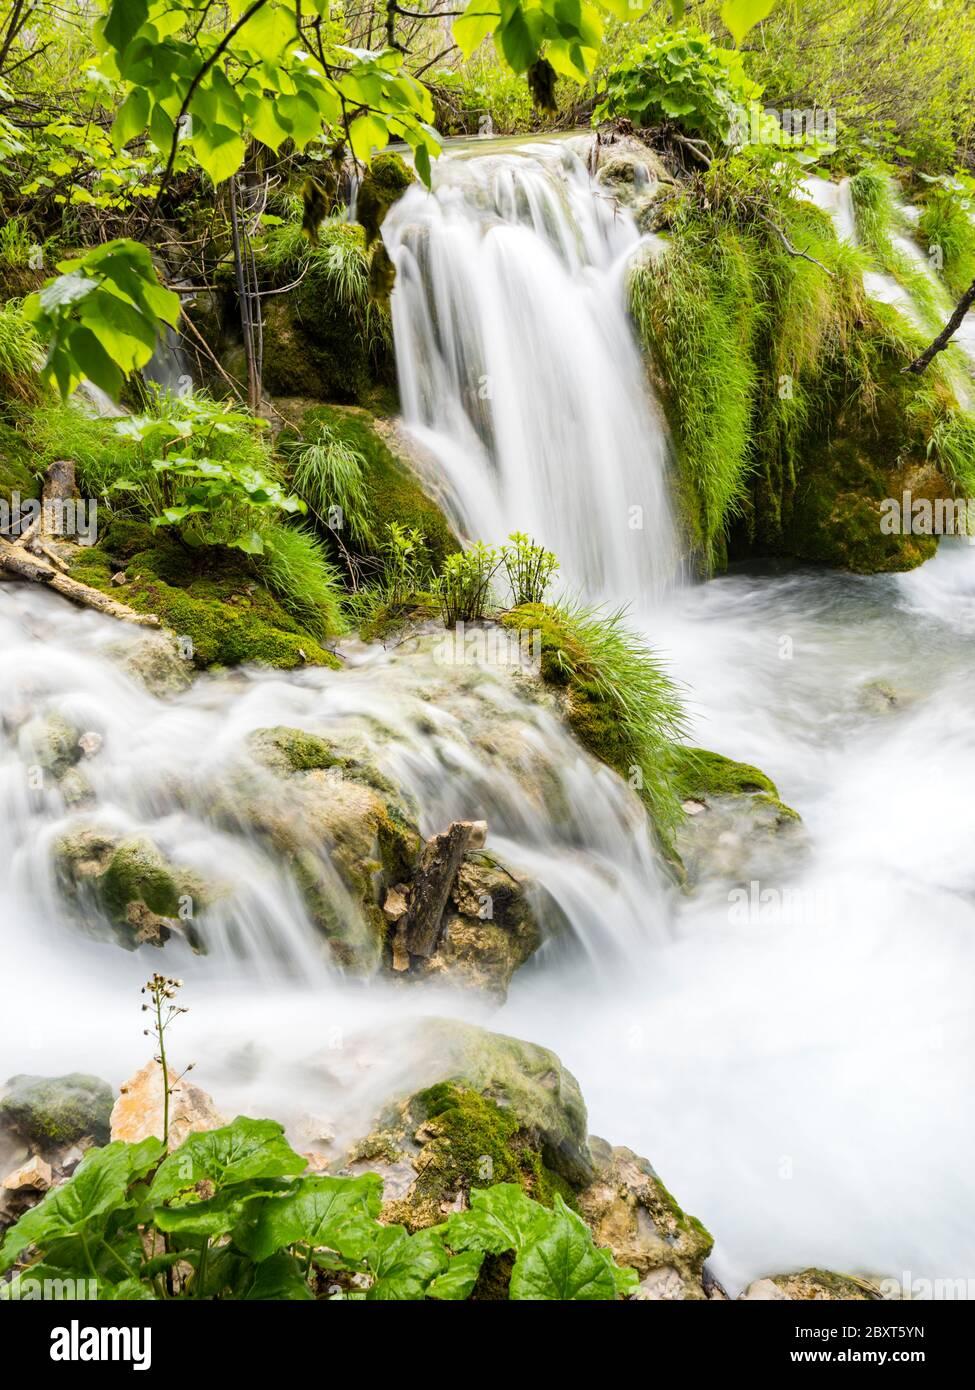 Plitvice lagos intenso bosque verde intenso en la temporada de primavera en Croacia Europa cascada vacía río flujo río flujo exposición larga Foto de stock